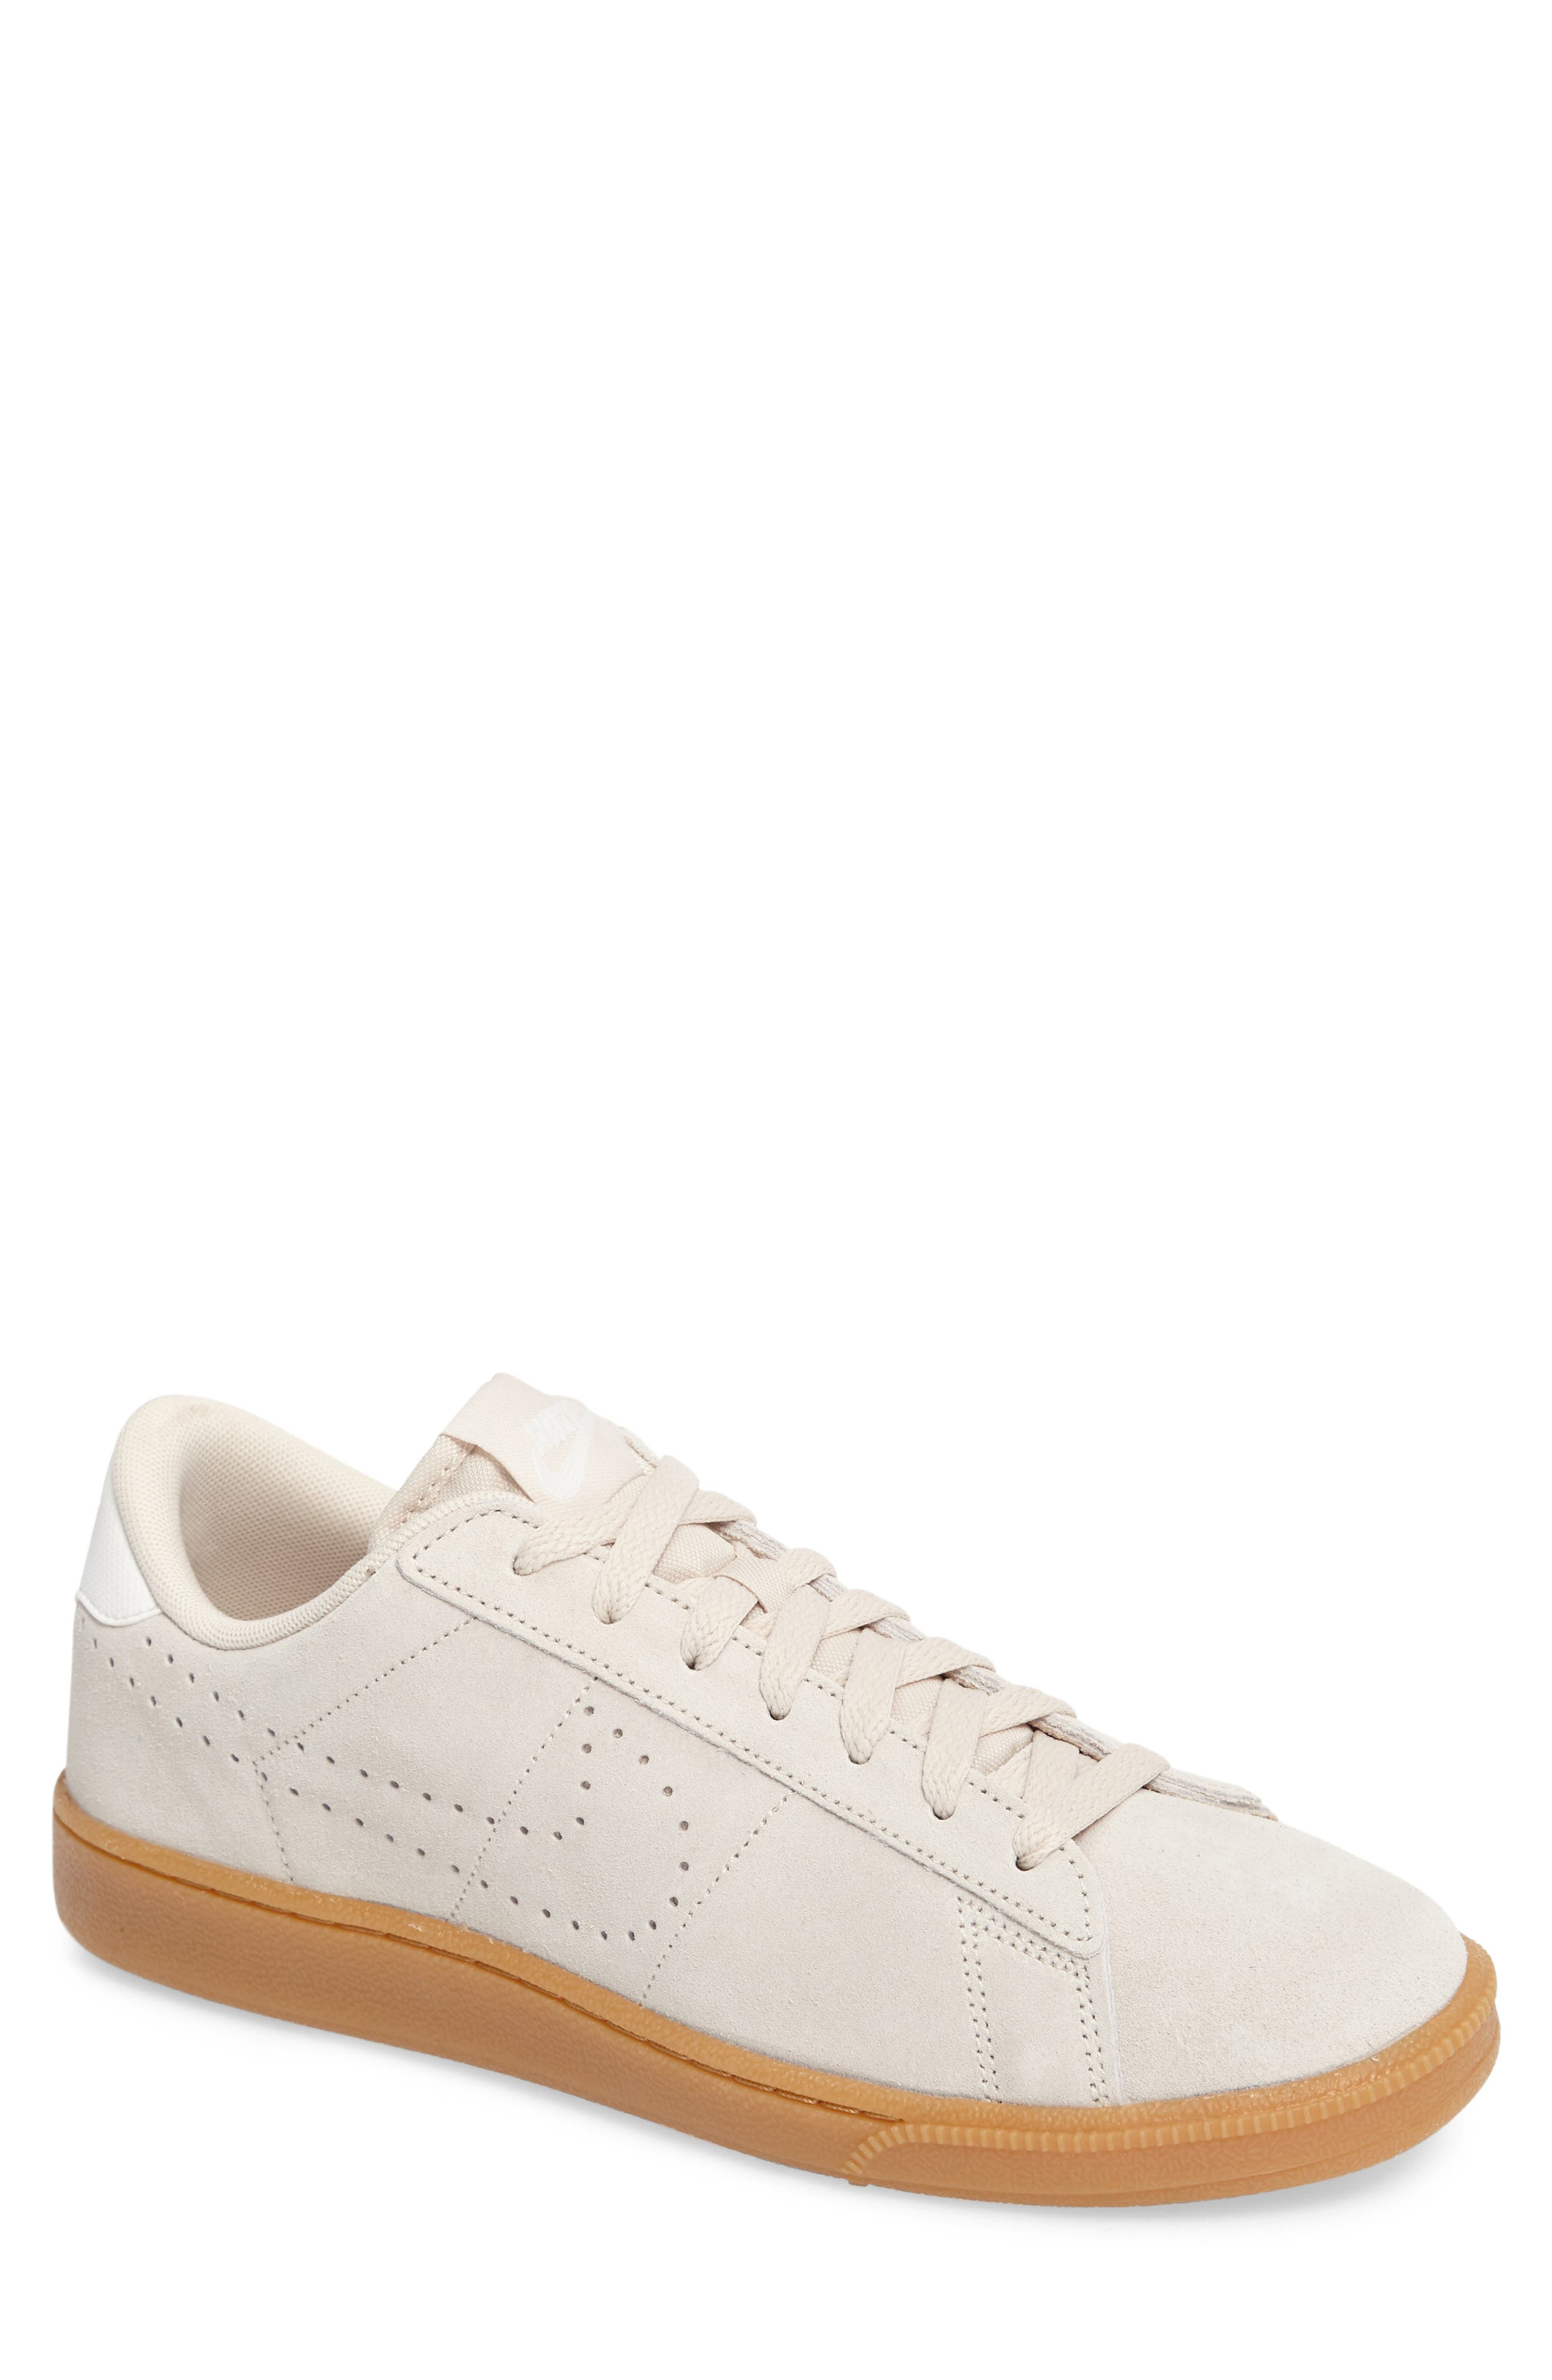 Main Image - Nike 'Tennis Classic' Sneaker (Men)